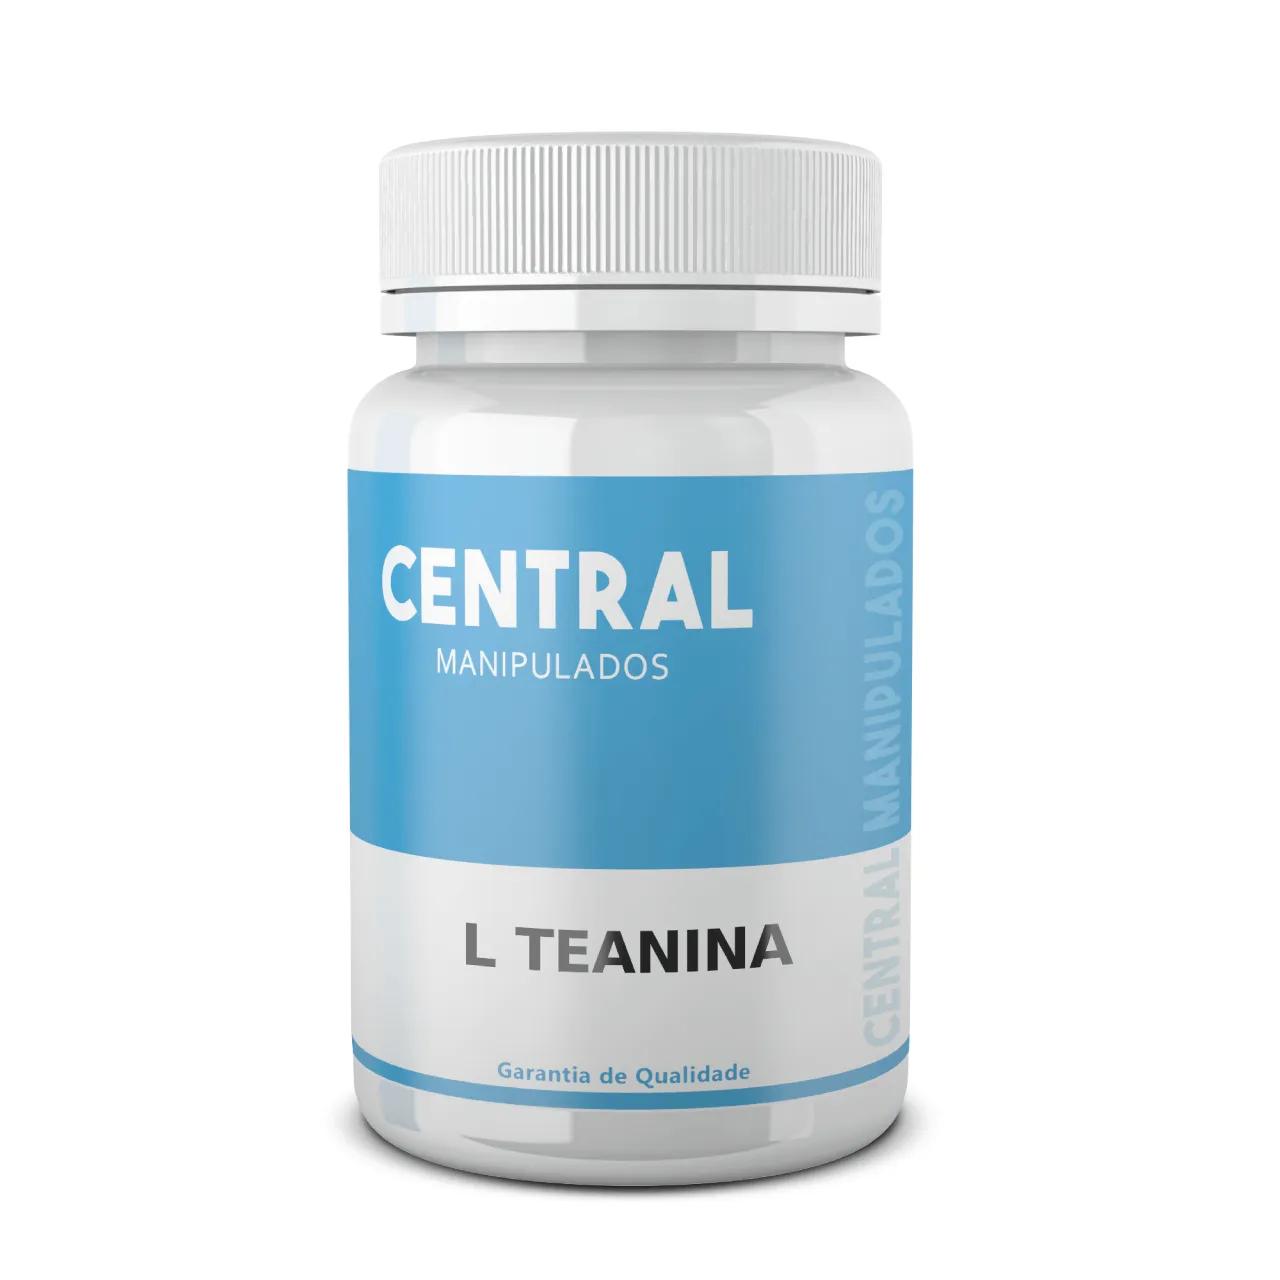 L-teanina 200mg - 180 cápsulas - Reduz Ansiedade, Estresse e TPM,  Aumentar sistema imunológico,  Atenua Hipertensão